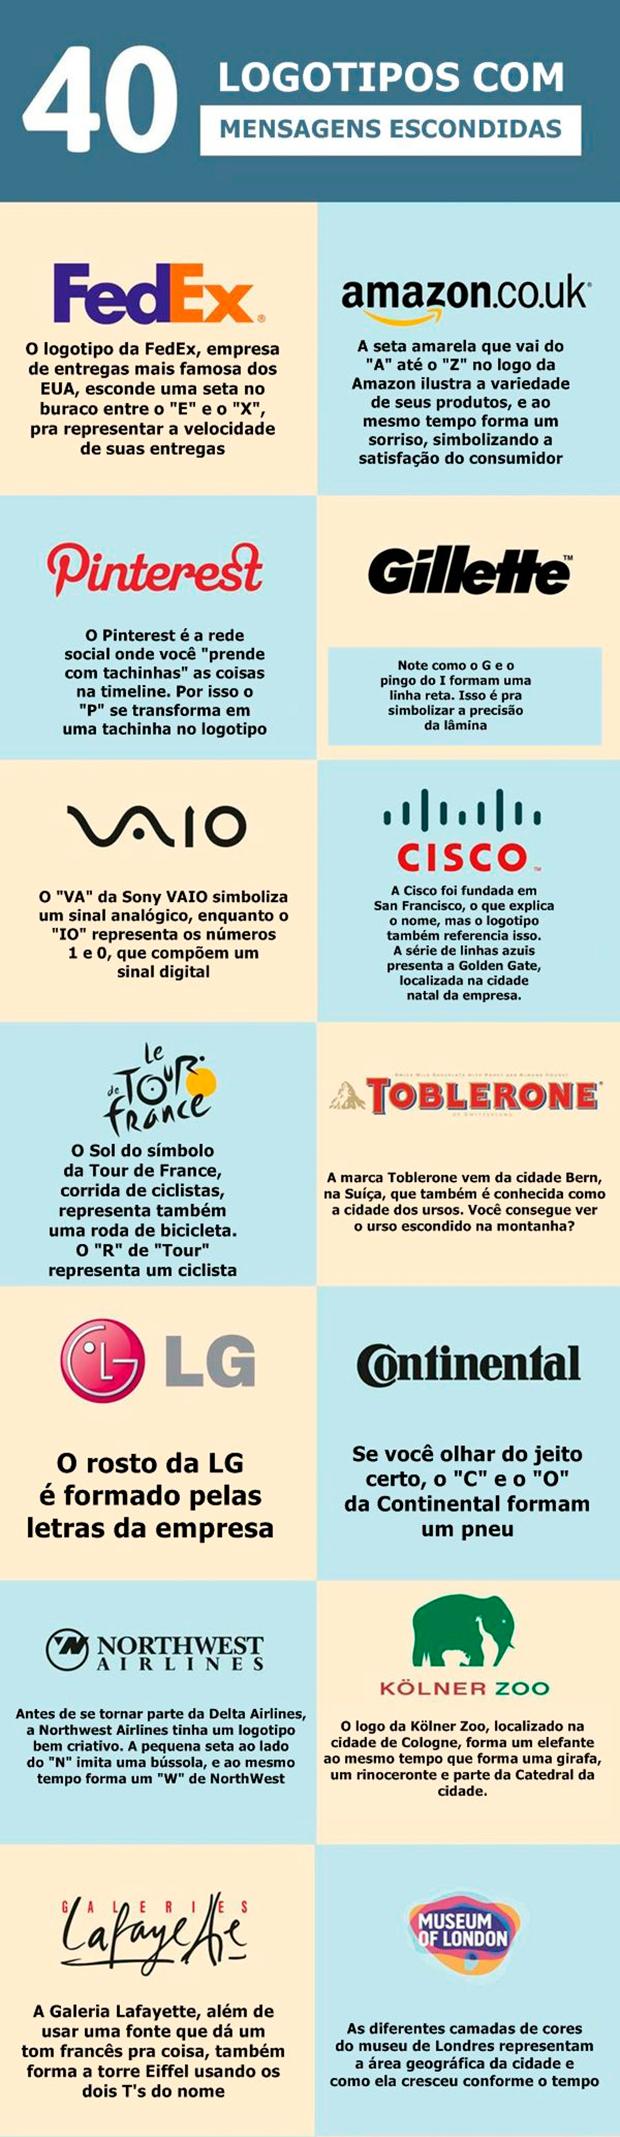 Logotipos-com-mensagens-escondidas_01